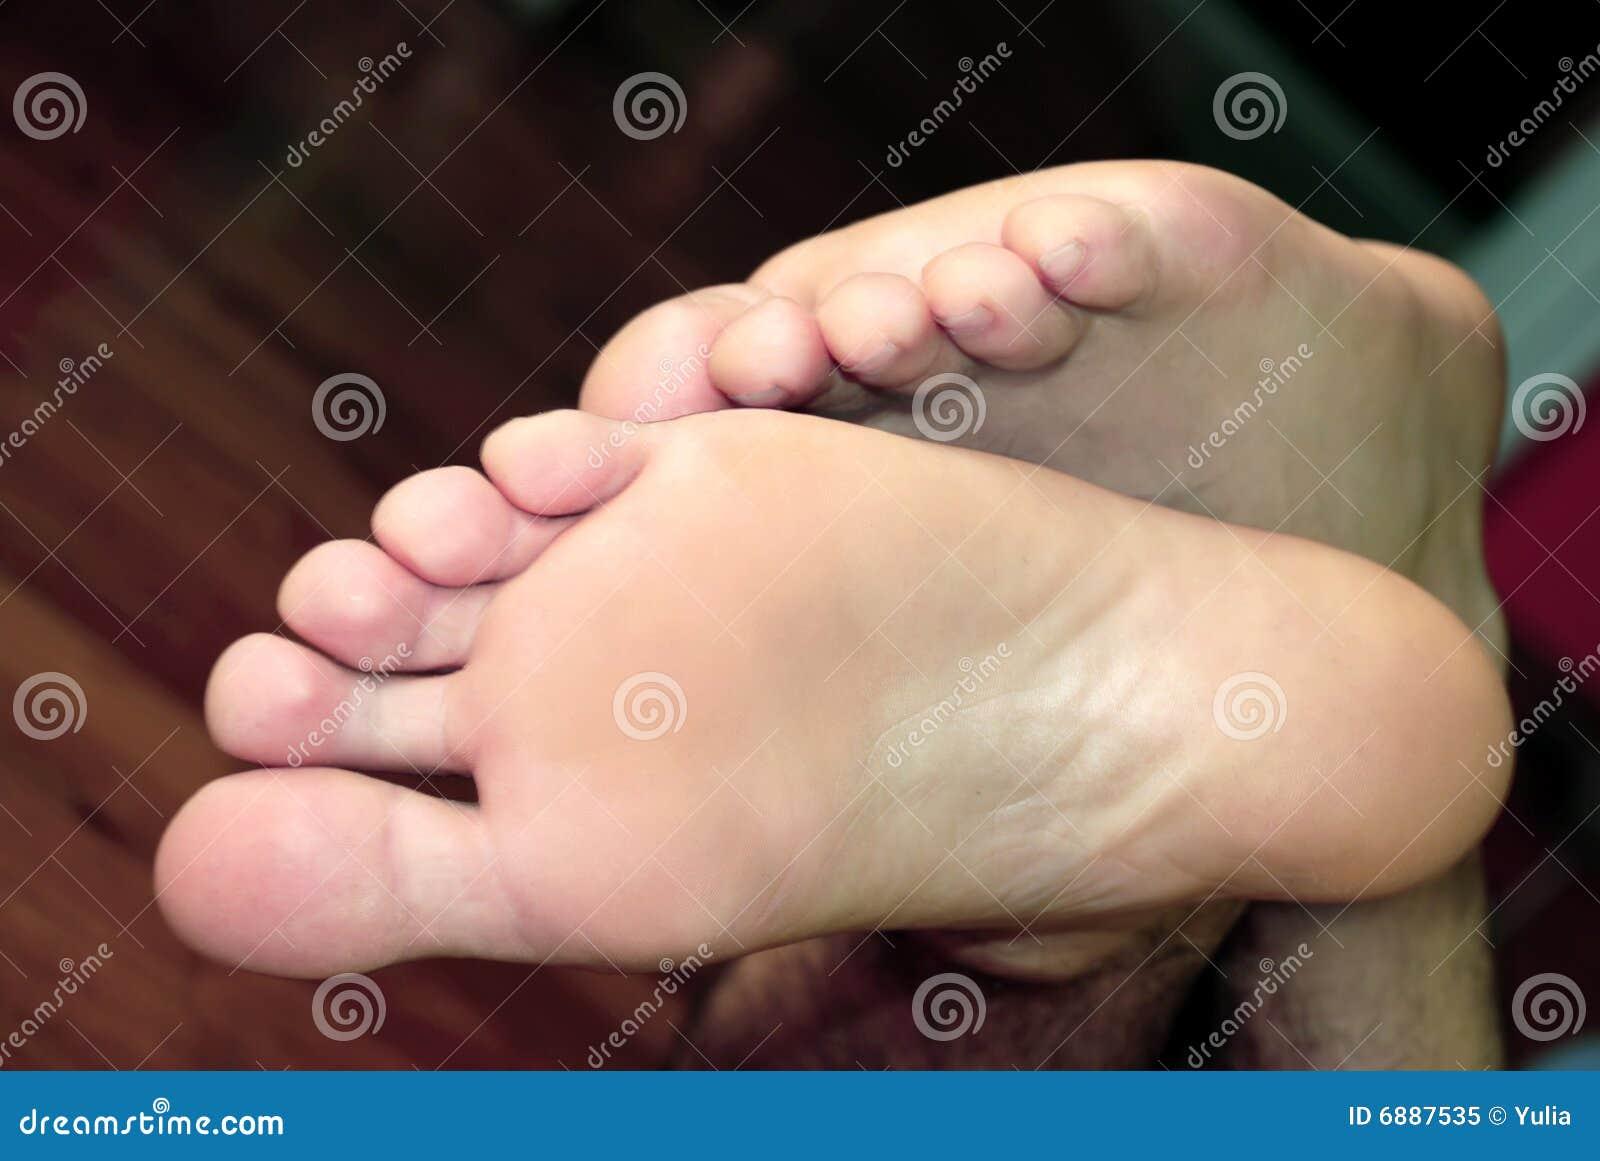 Boy Feet Porn